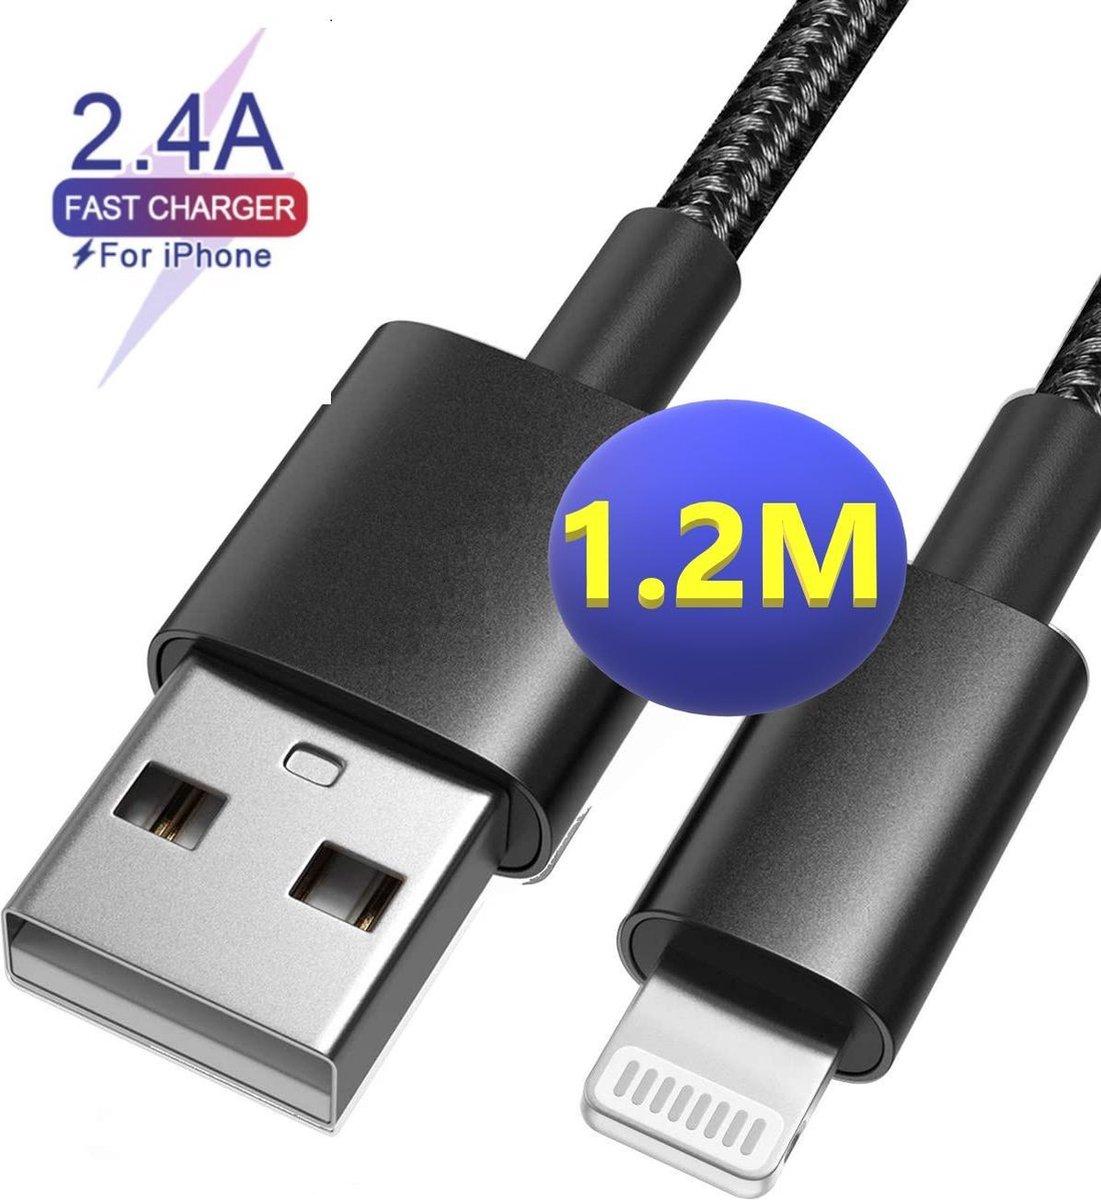 iPhone oplader kabel - 1M - geschikt voor Apple iPhone 6,7,8,X,XS,XR,11,12,Mini,Pro Max - iPhone kabel - iPhone oplaadkabel - iPhone snoertje - iPhone lader